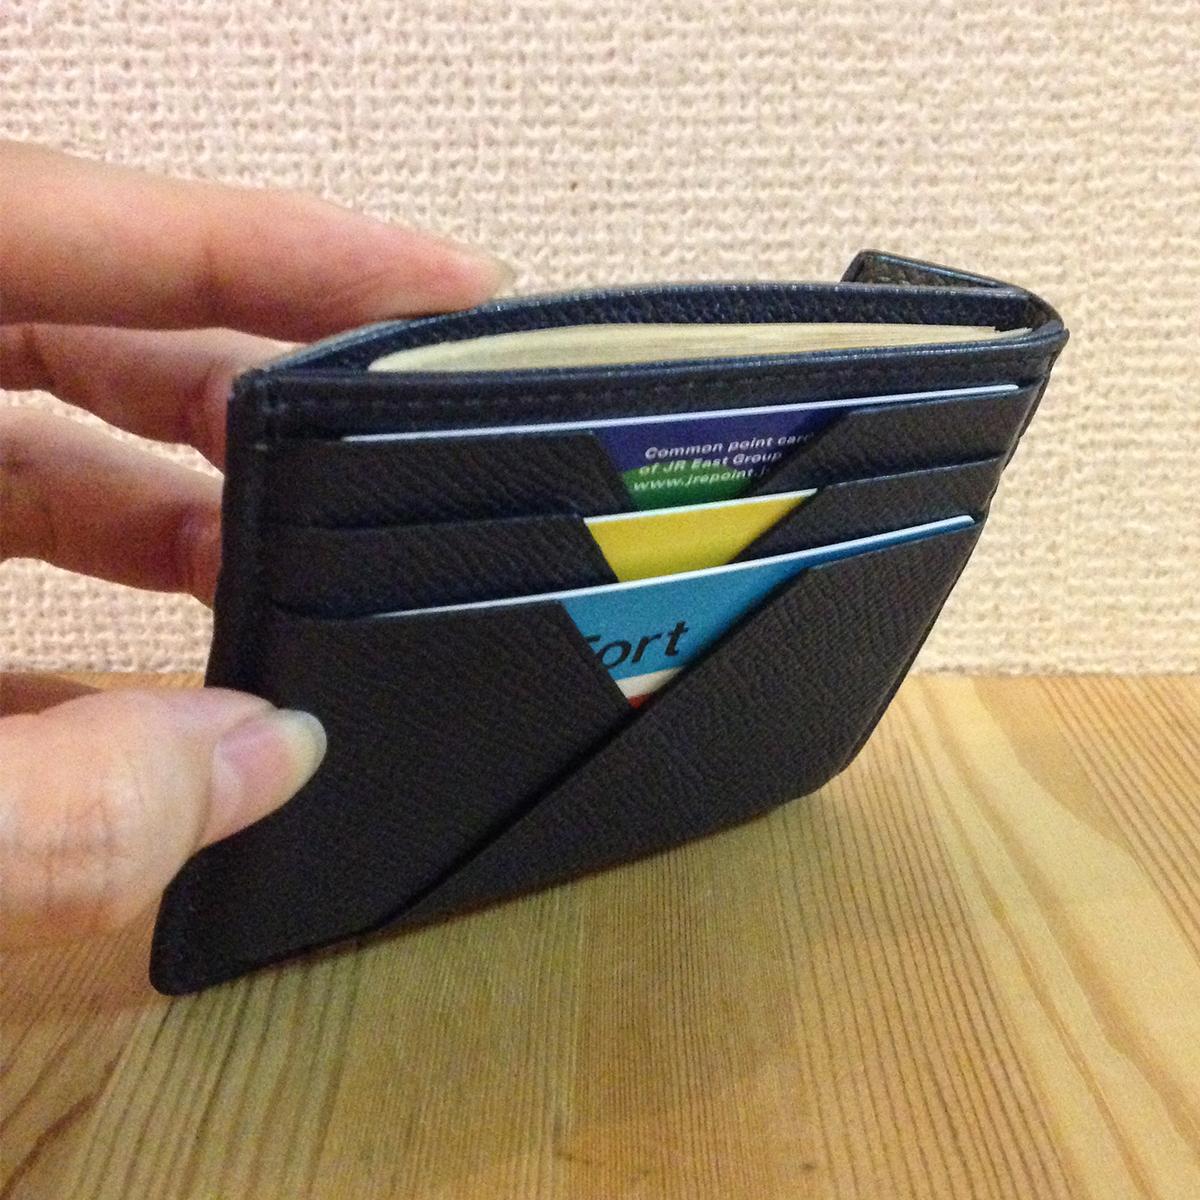 薄さと収納量を追求した硬貨入れ|カードを見える化、支払いも収納もスマートな革財布(札入れ)|ALBERTE